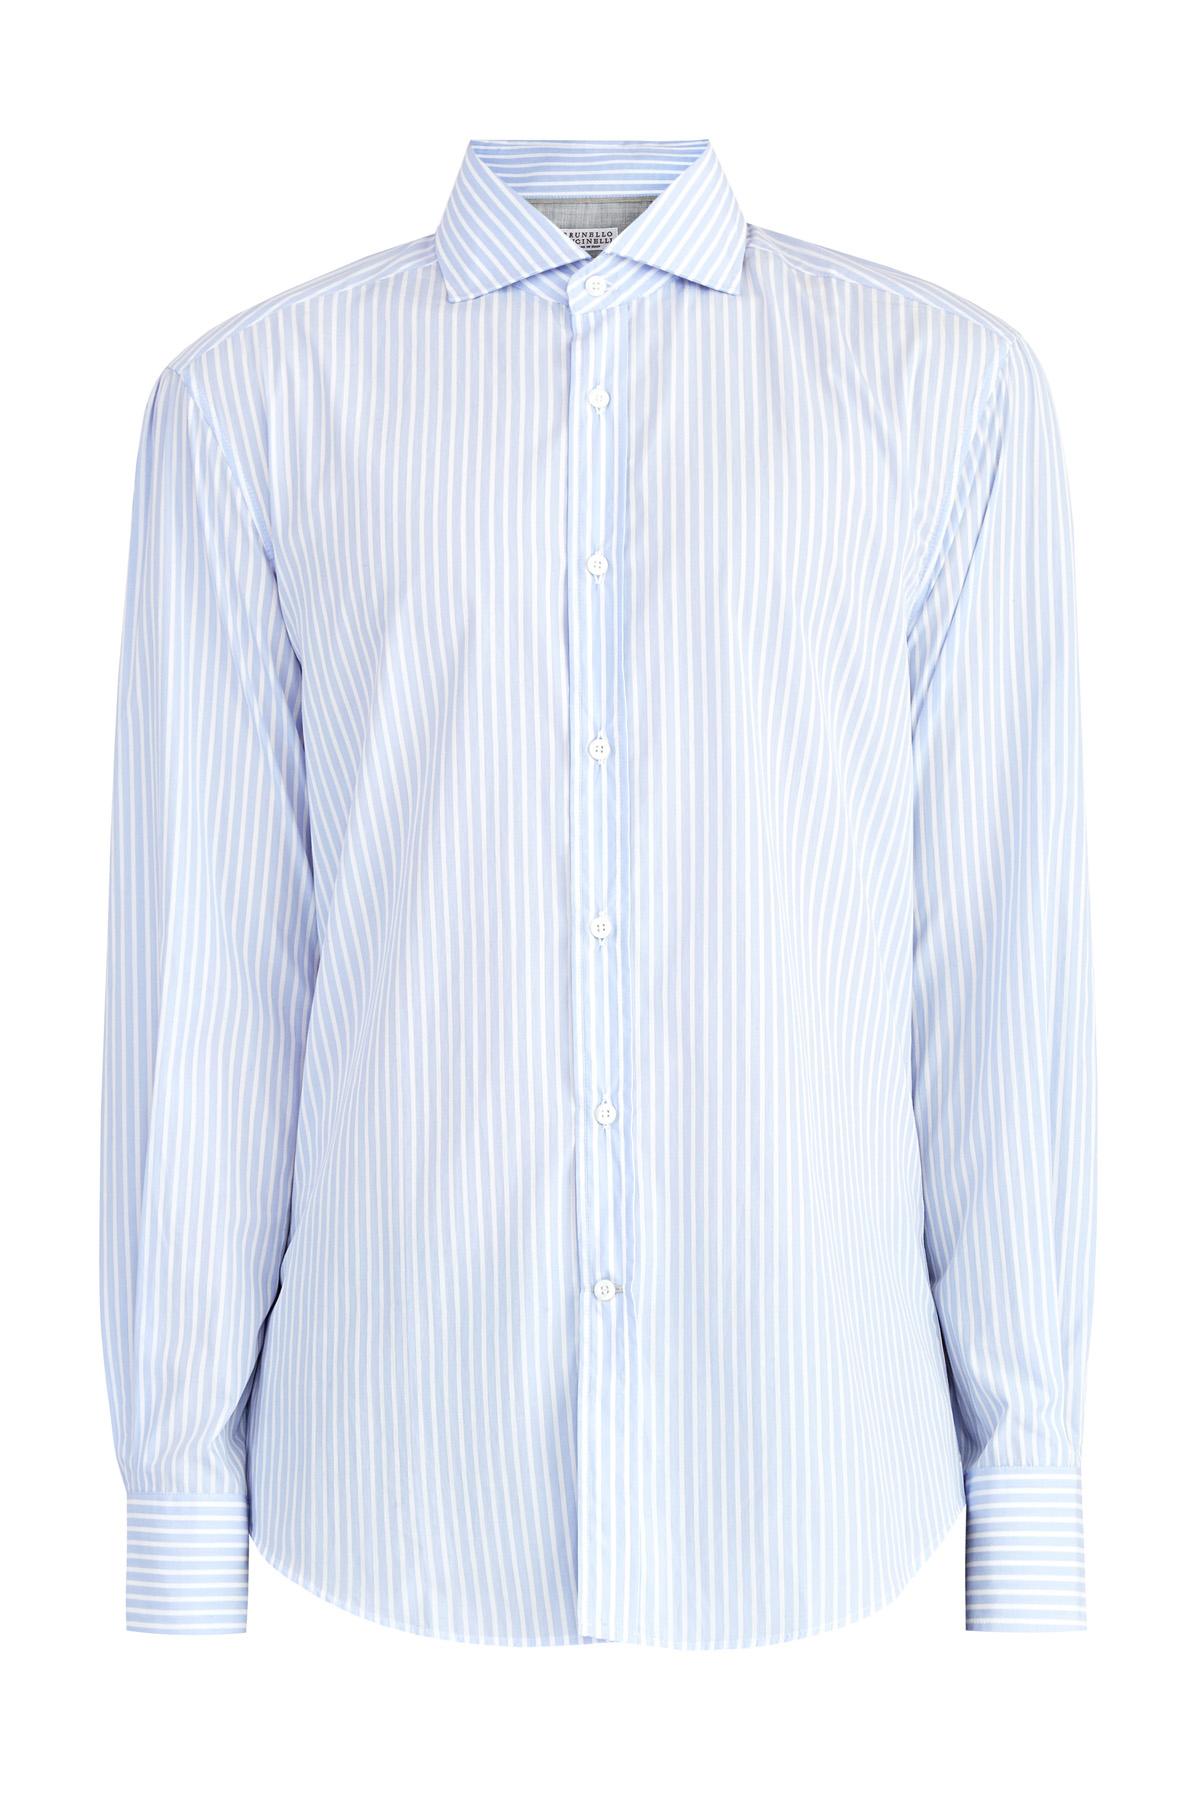 Хлопковая рубашка вполоску приглушенного оттенка